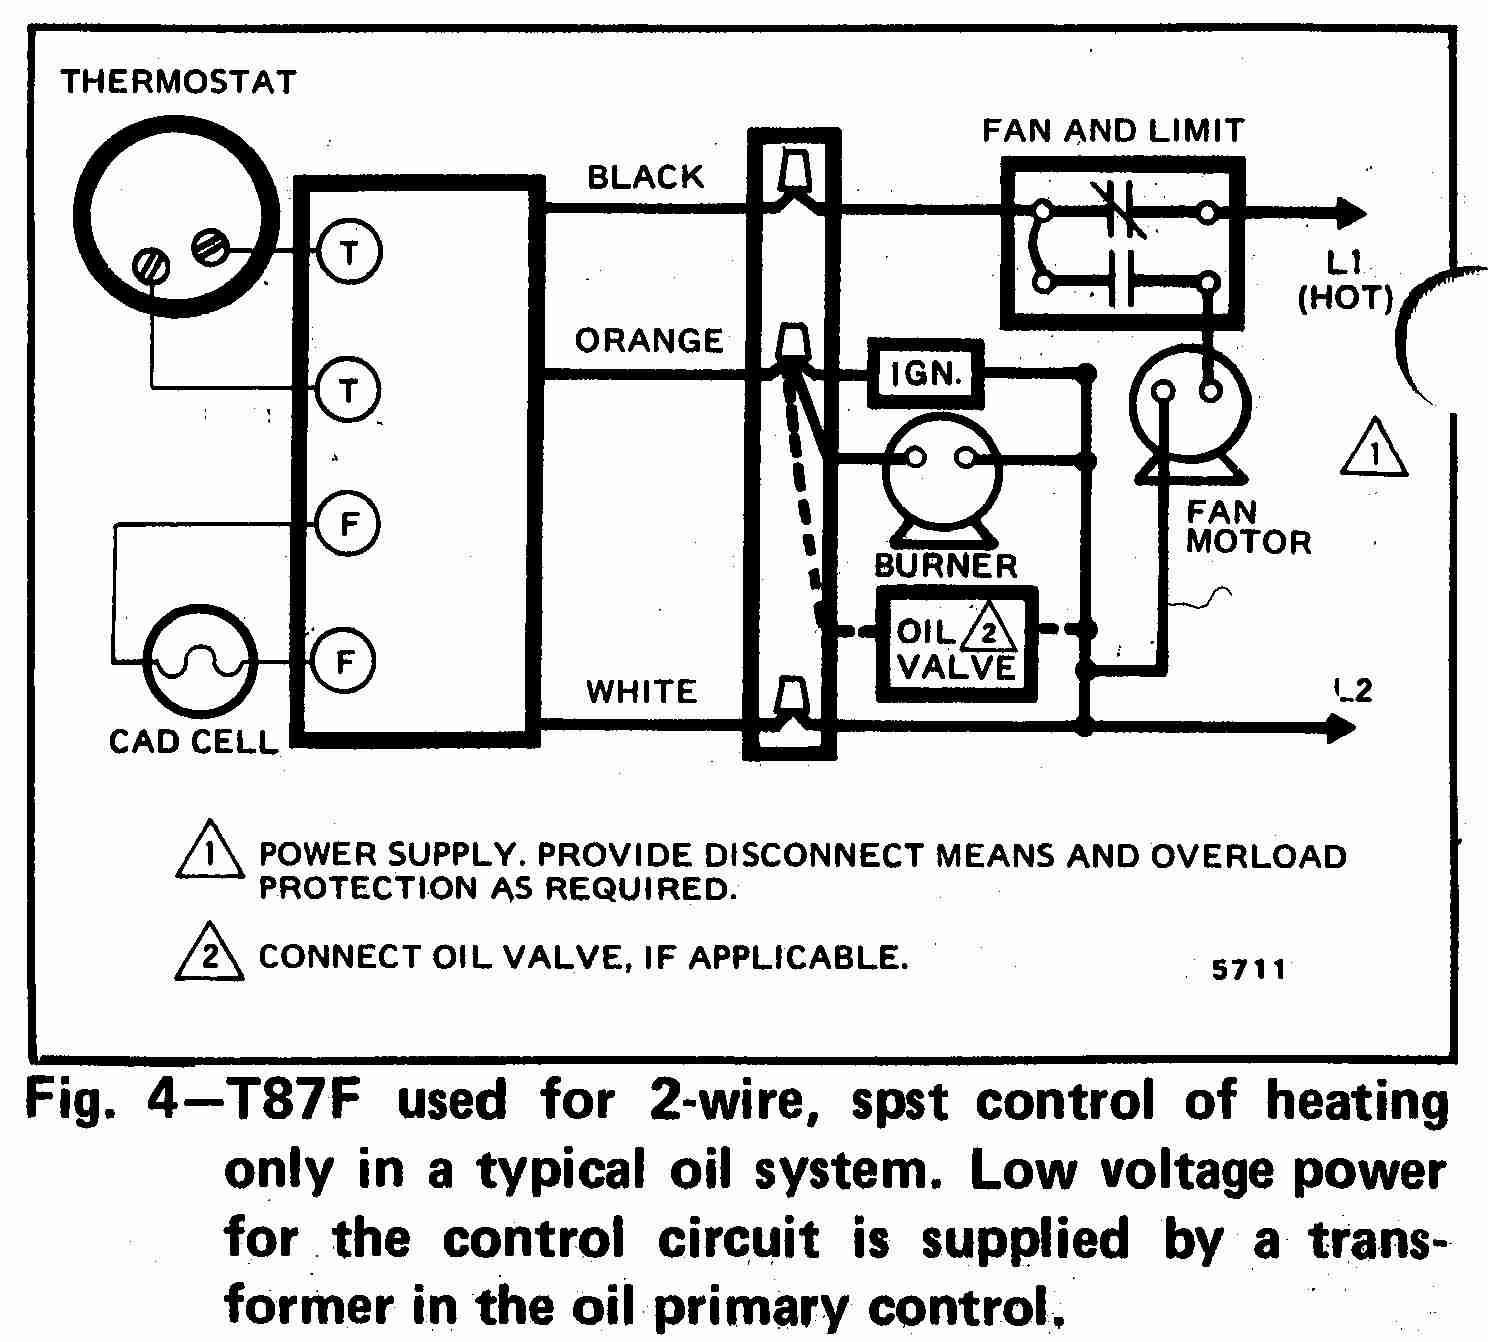 Gas Heat Furnace Wiring Diagram Schematic | Manual E-Books - Gas Furnace Wiring Diagram